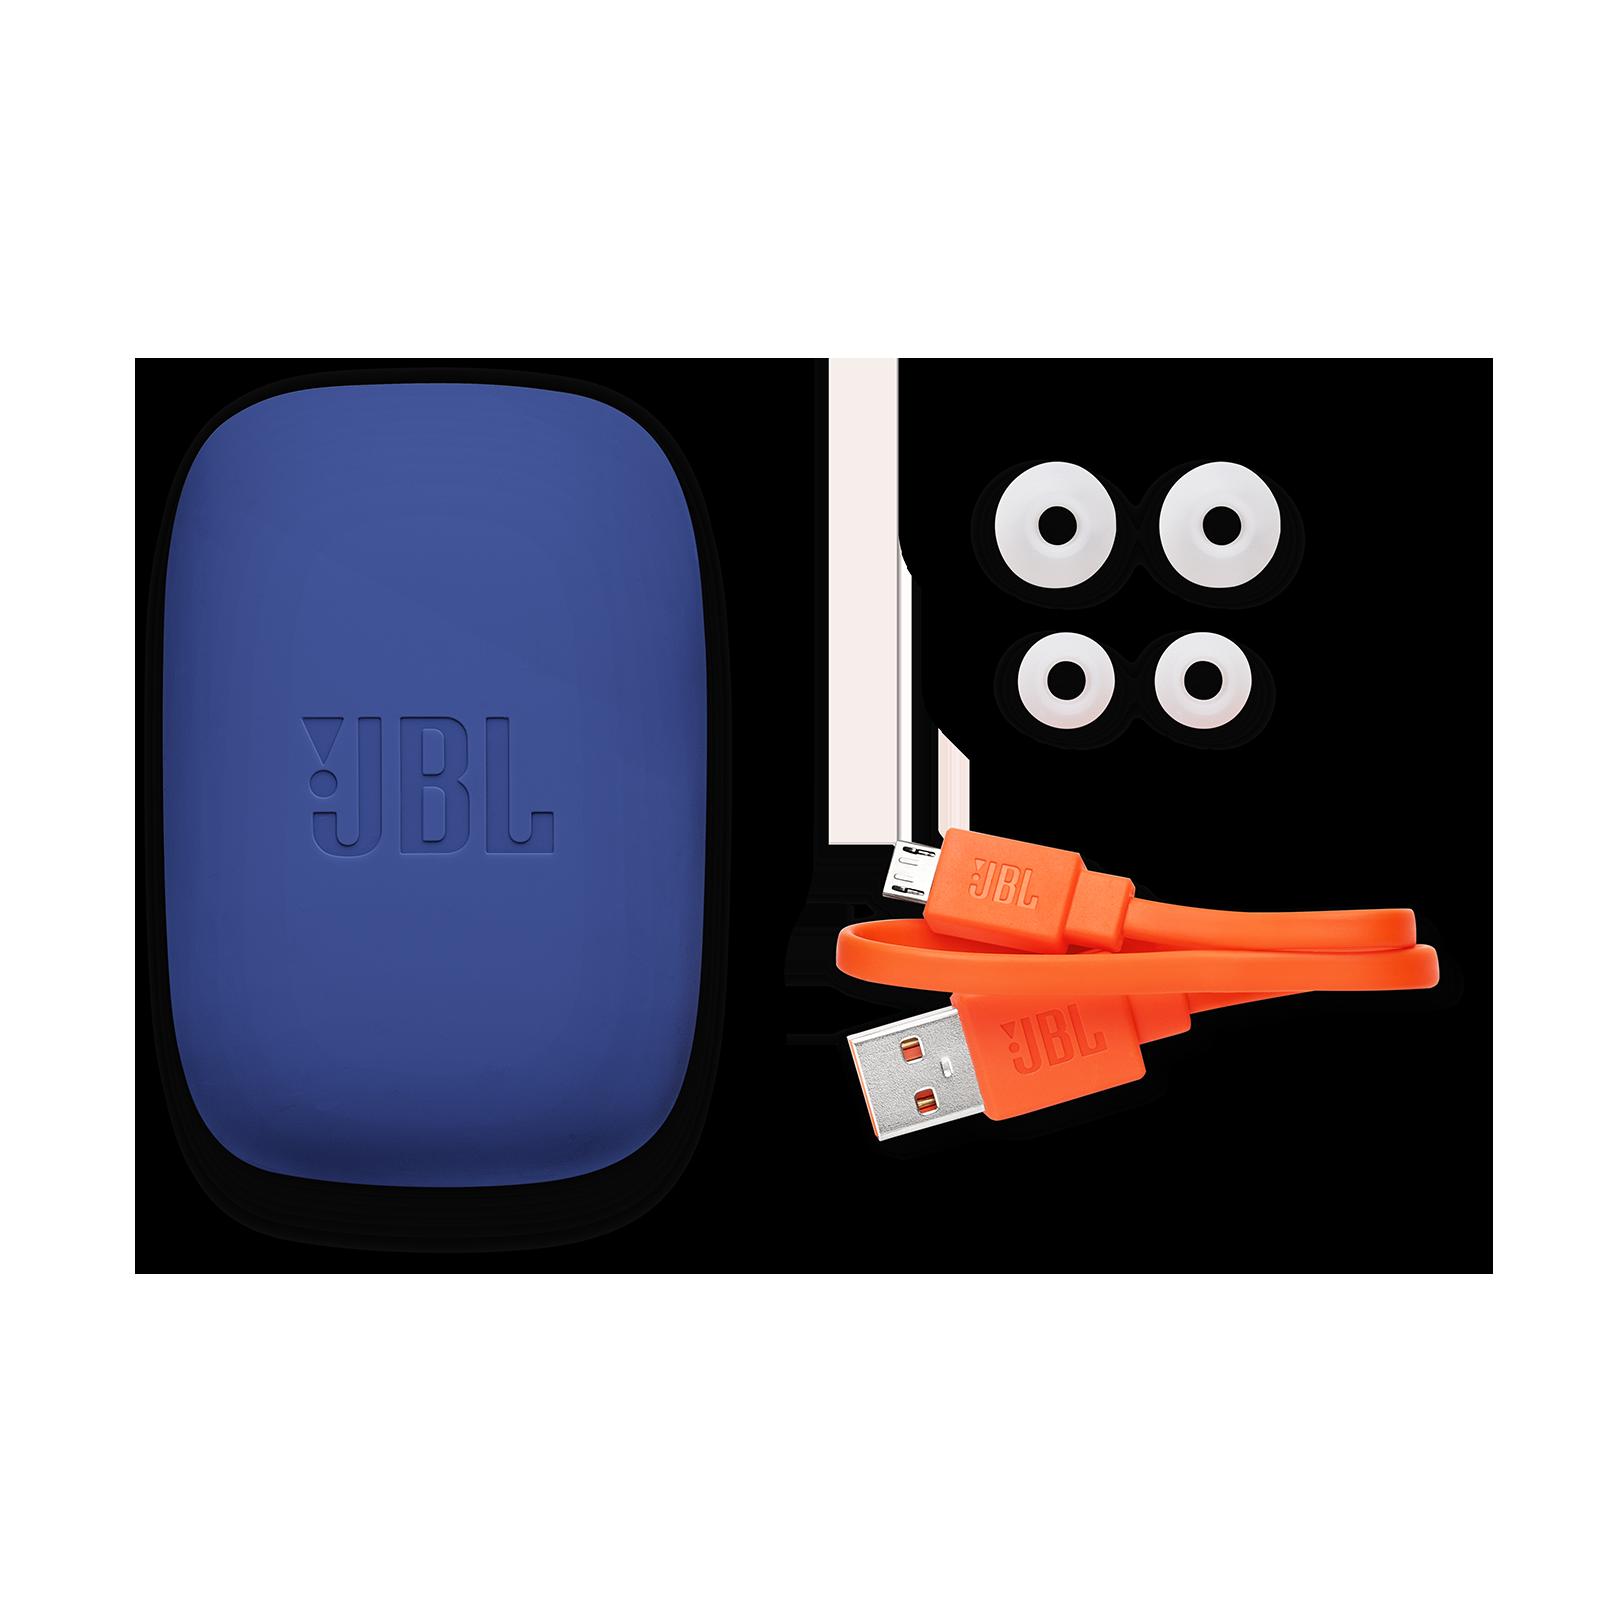 JBL Endurance JUMP - Blue - Waterproof Wireless Sport In-Ear Headphones - Detailshot 4